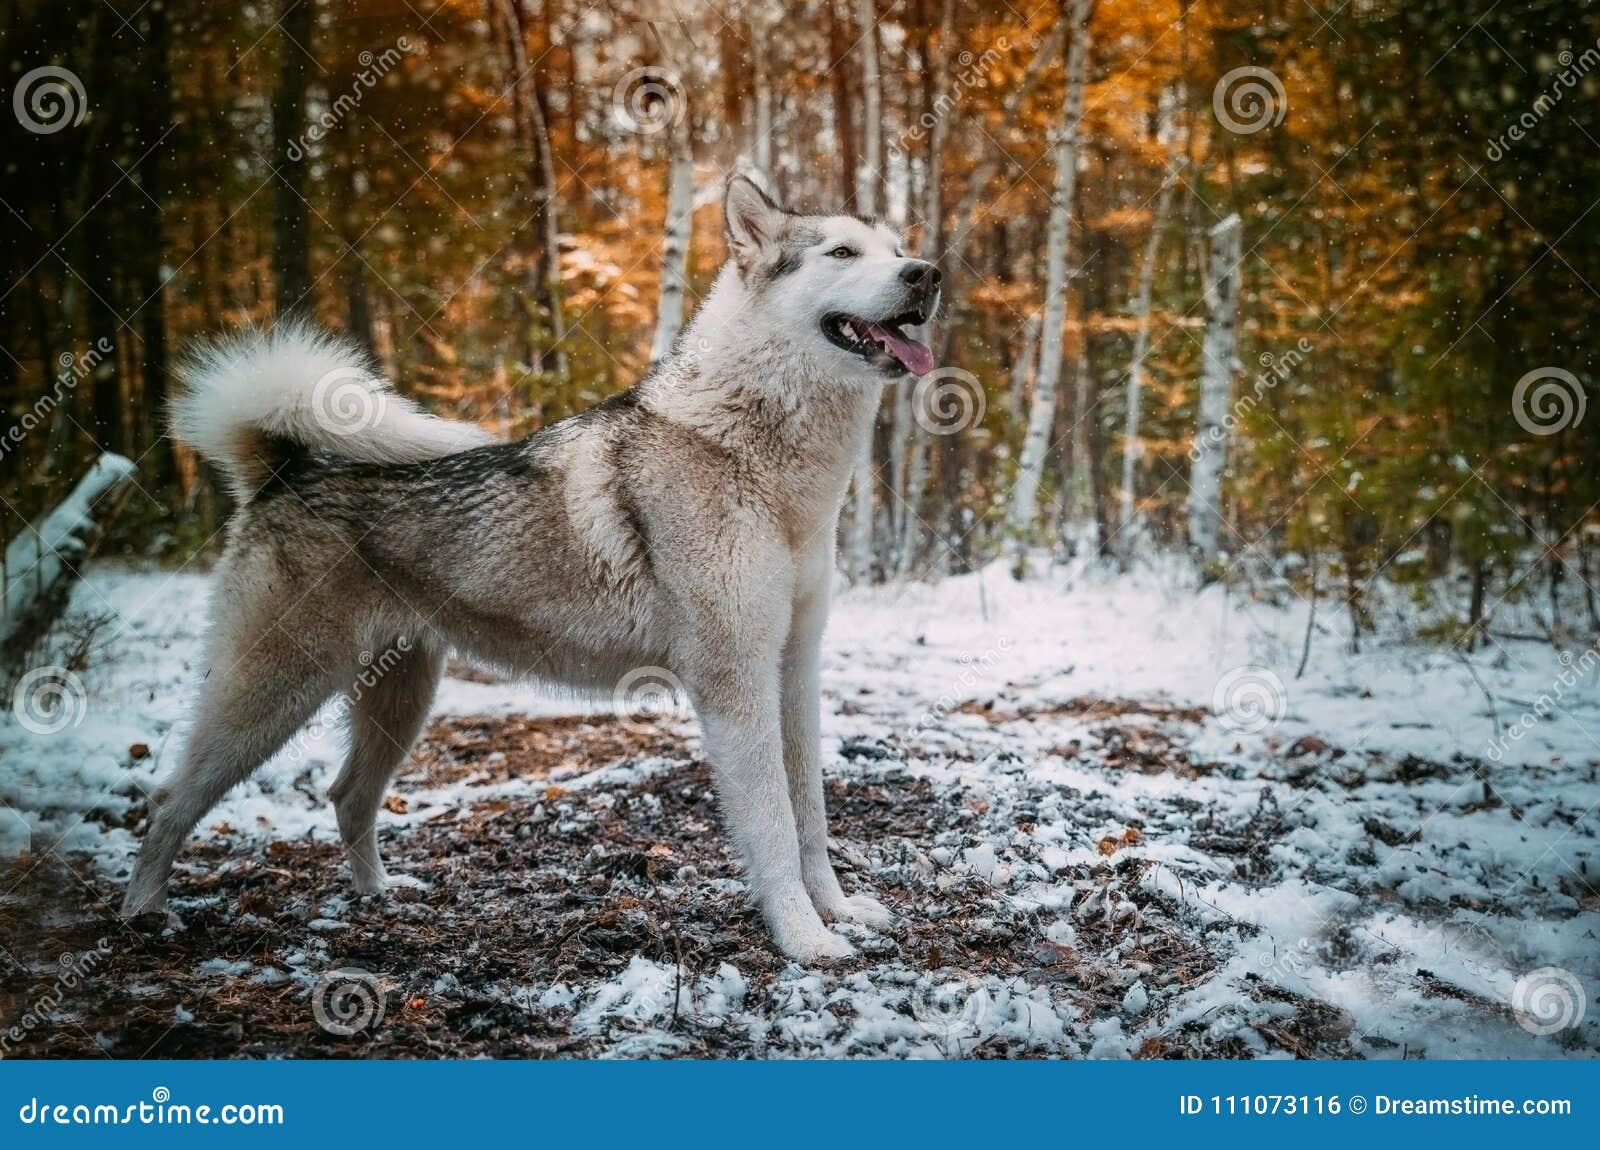 Dog is an Alaskan malamute